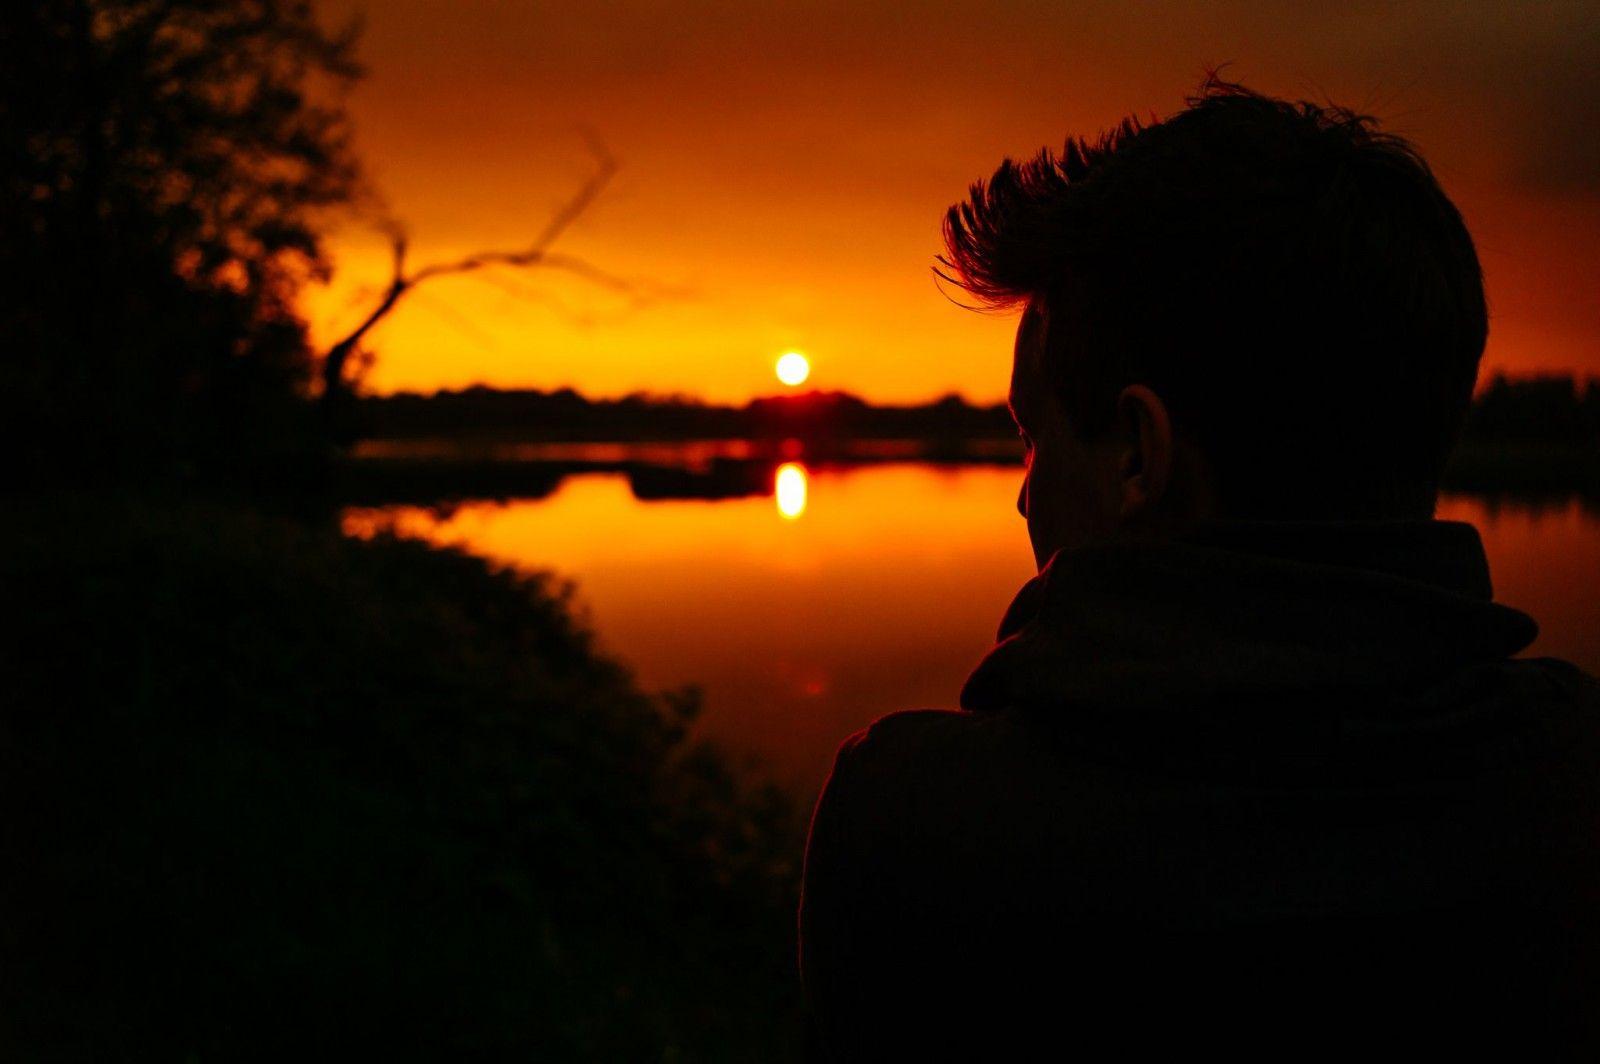 belgium_molsbroek_nature_sunset_28mm_elmarit_lorenz